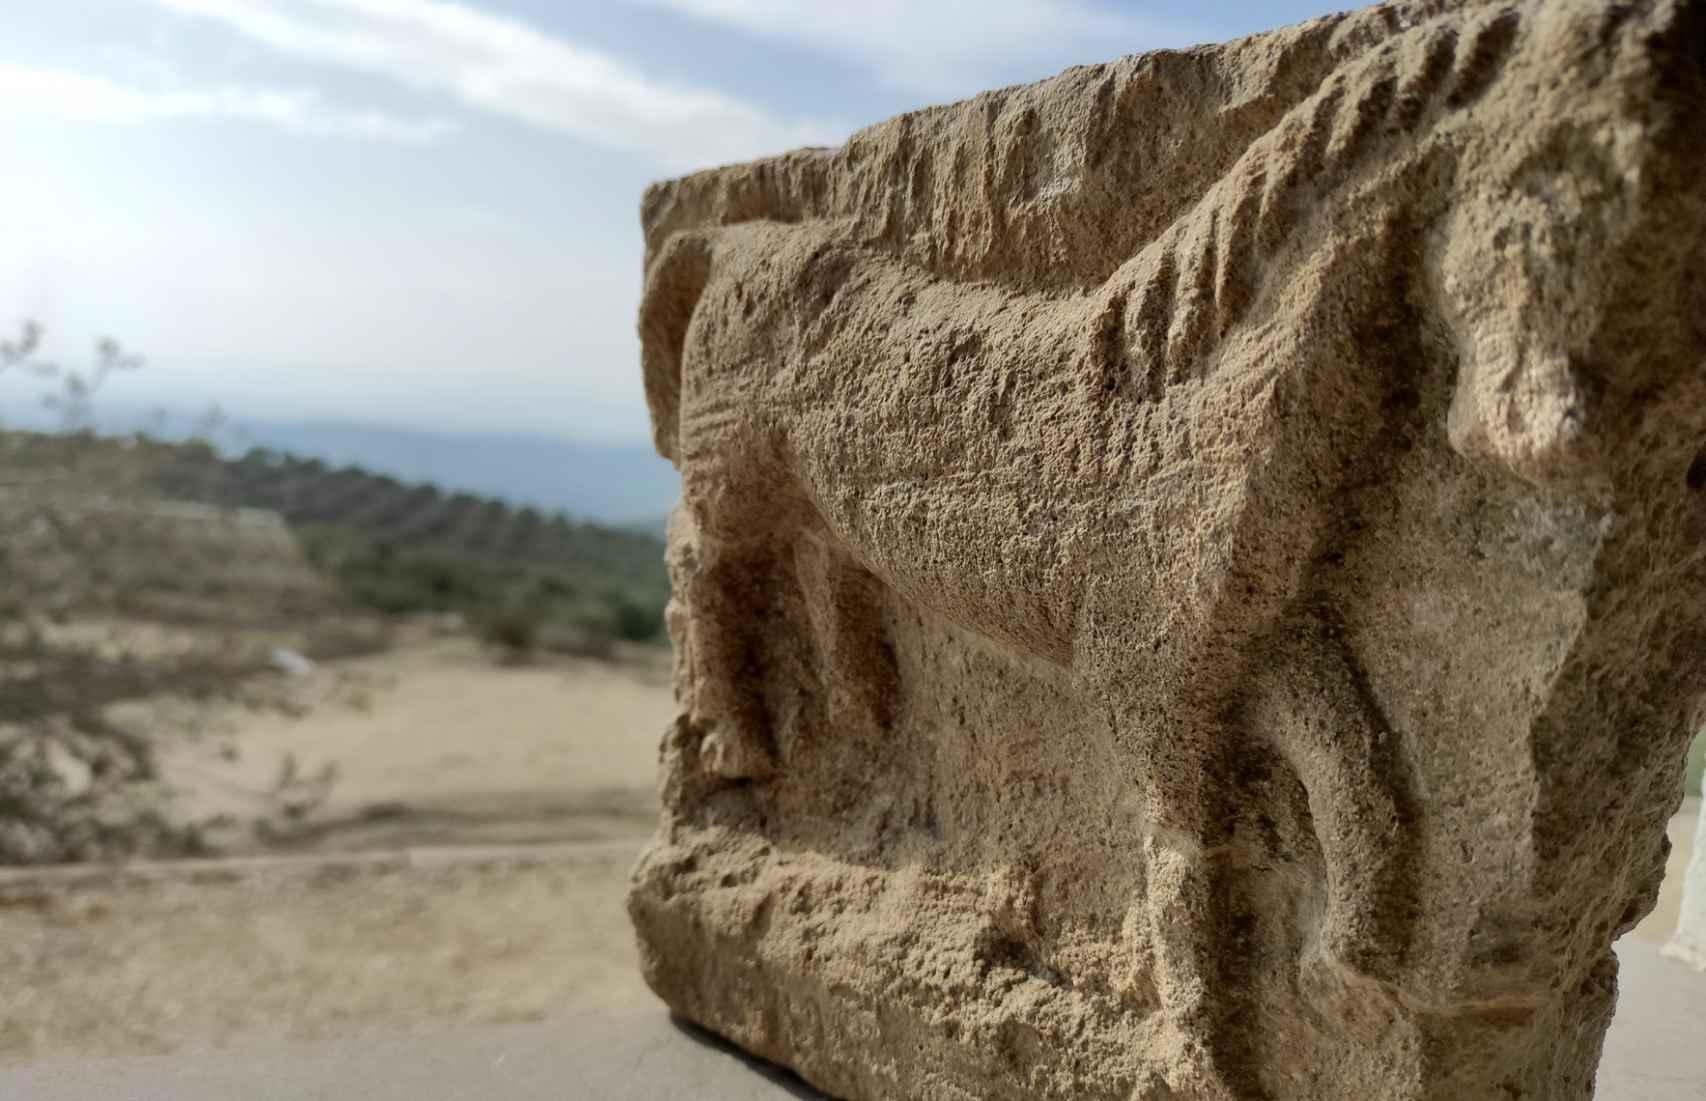 Detalle de uno de los exvotos con figura de caballo hallados en Torreparedones.